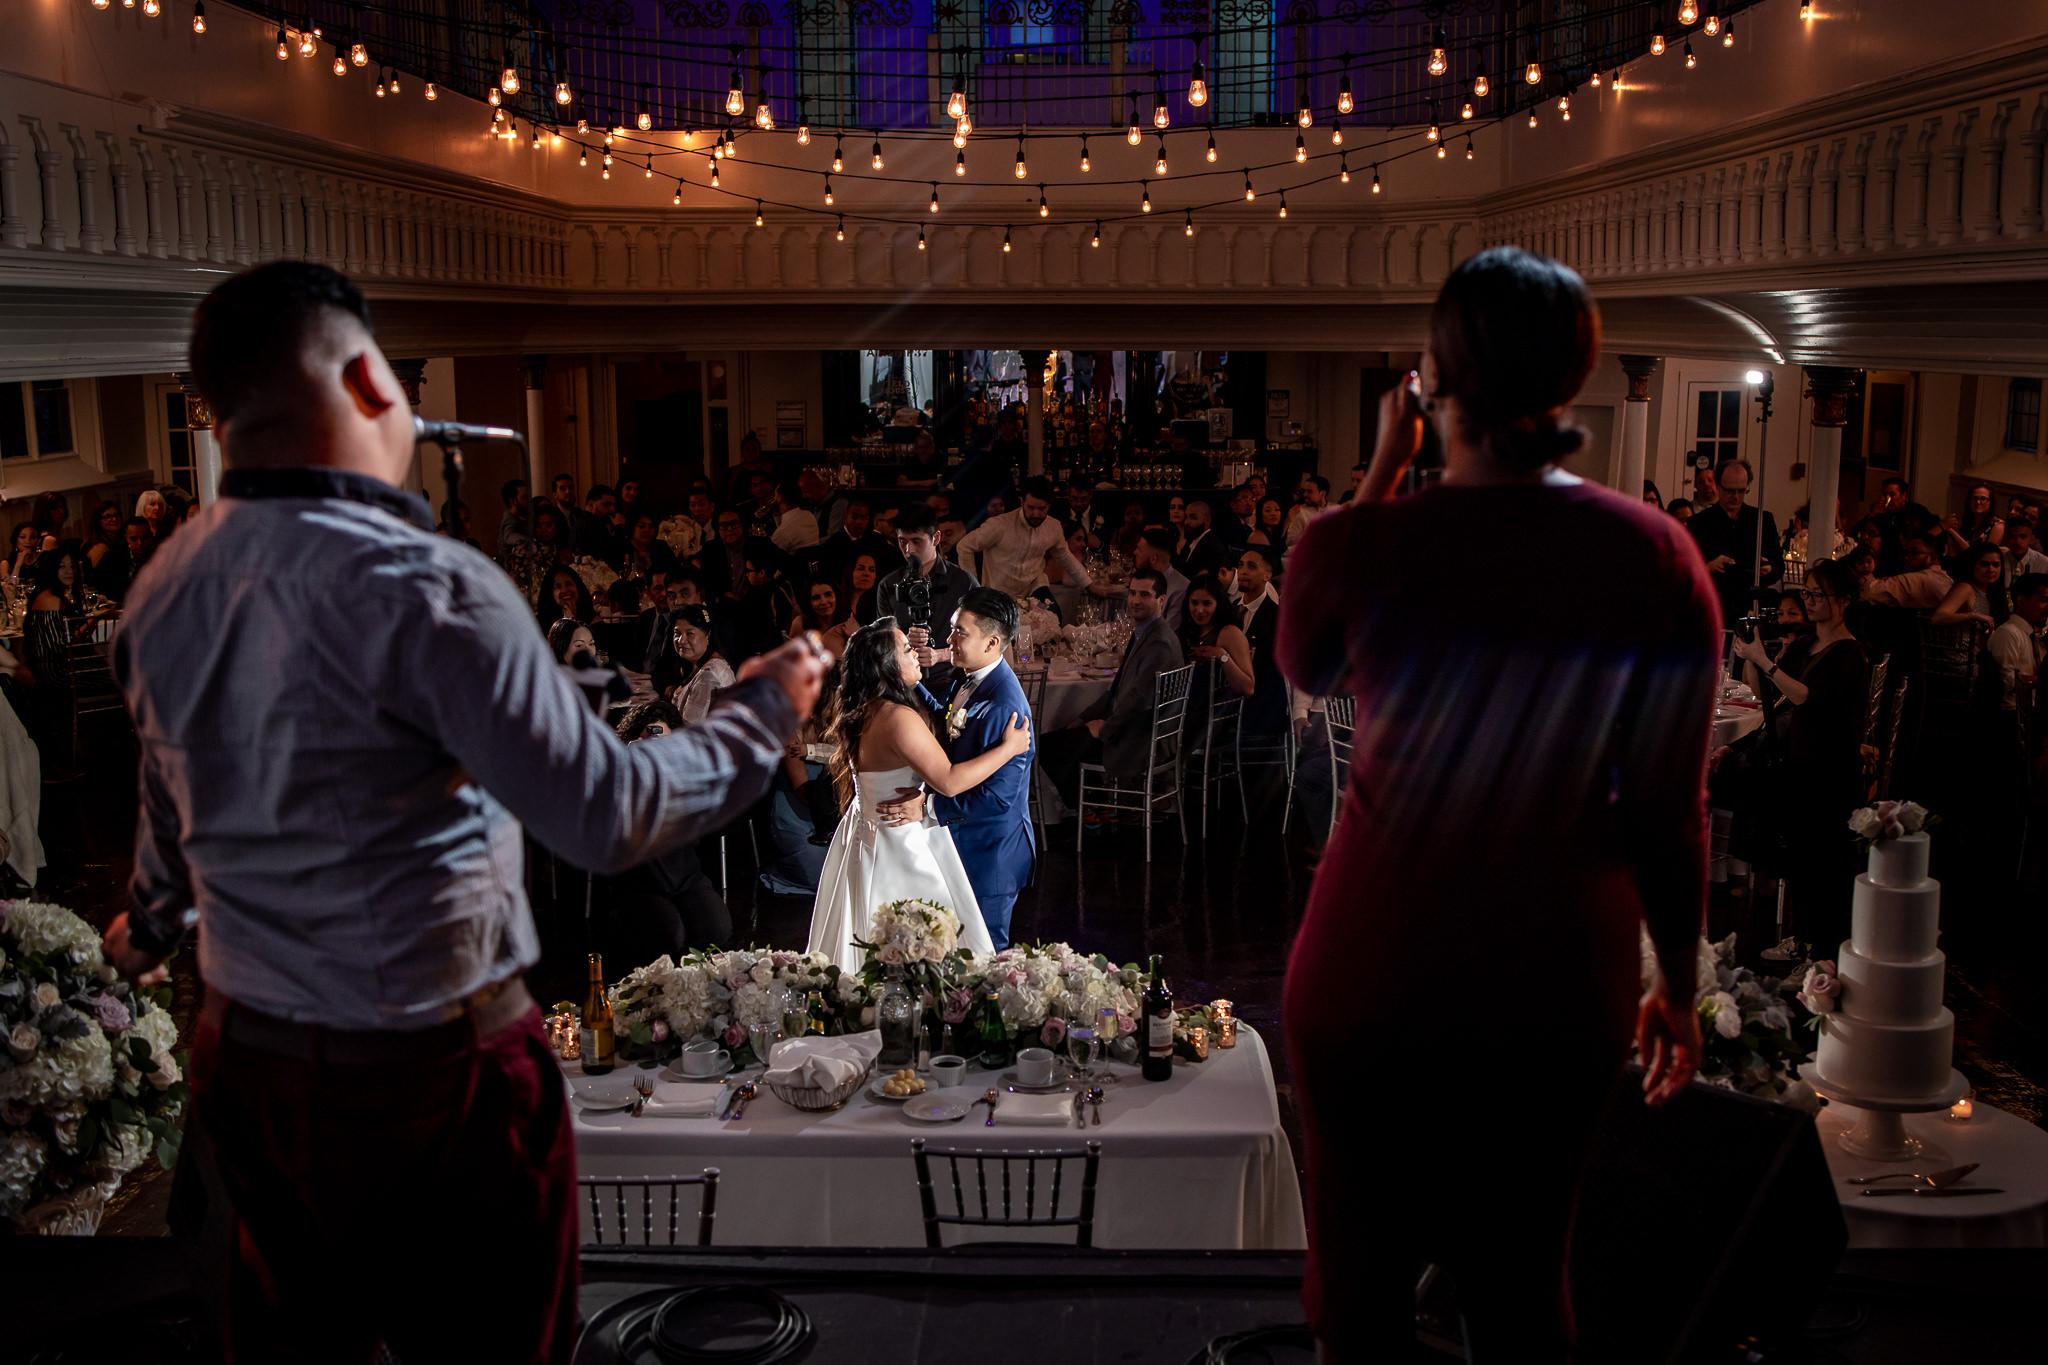 berkeley-wedding-photos-55.jpg